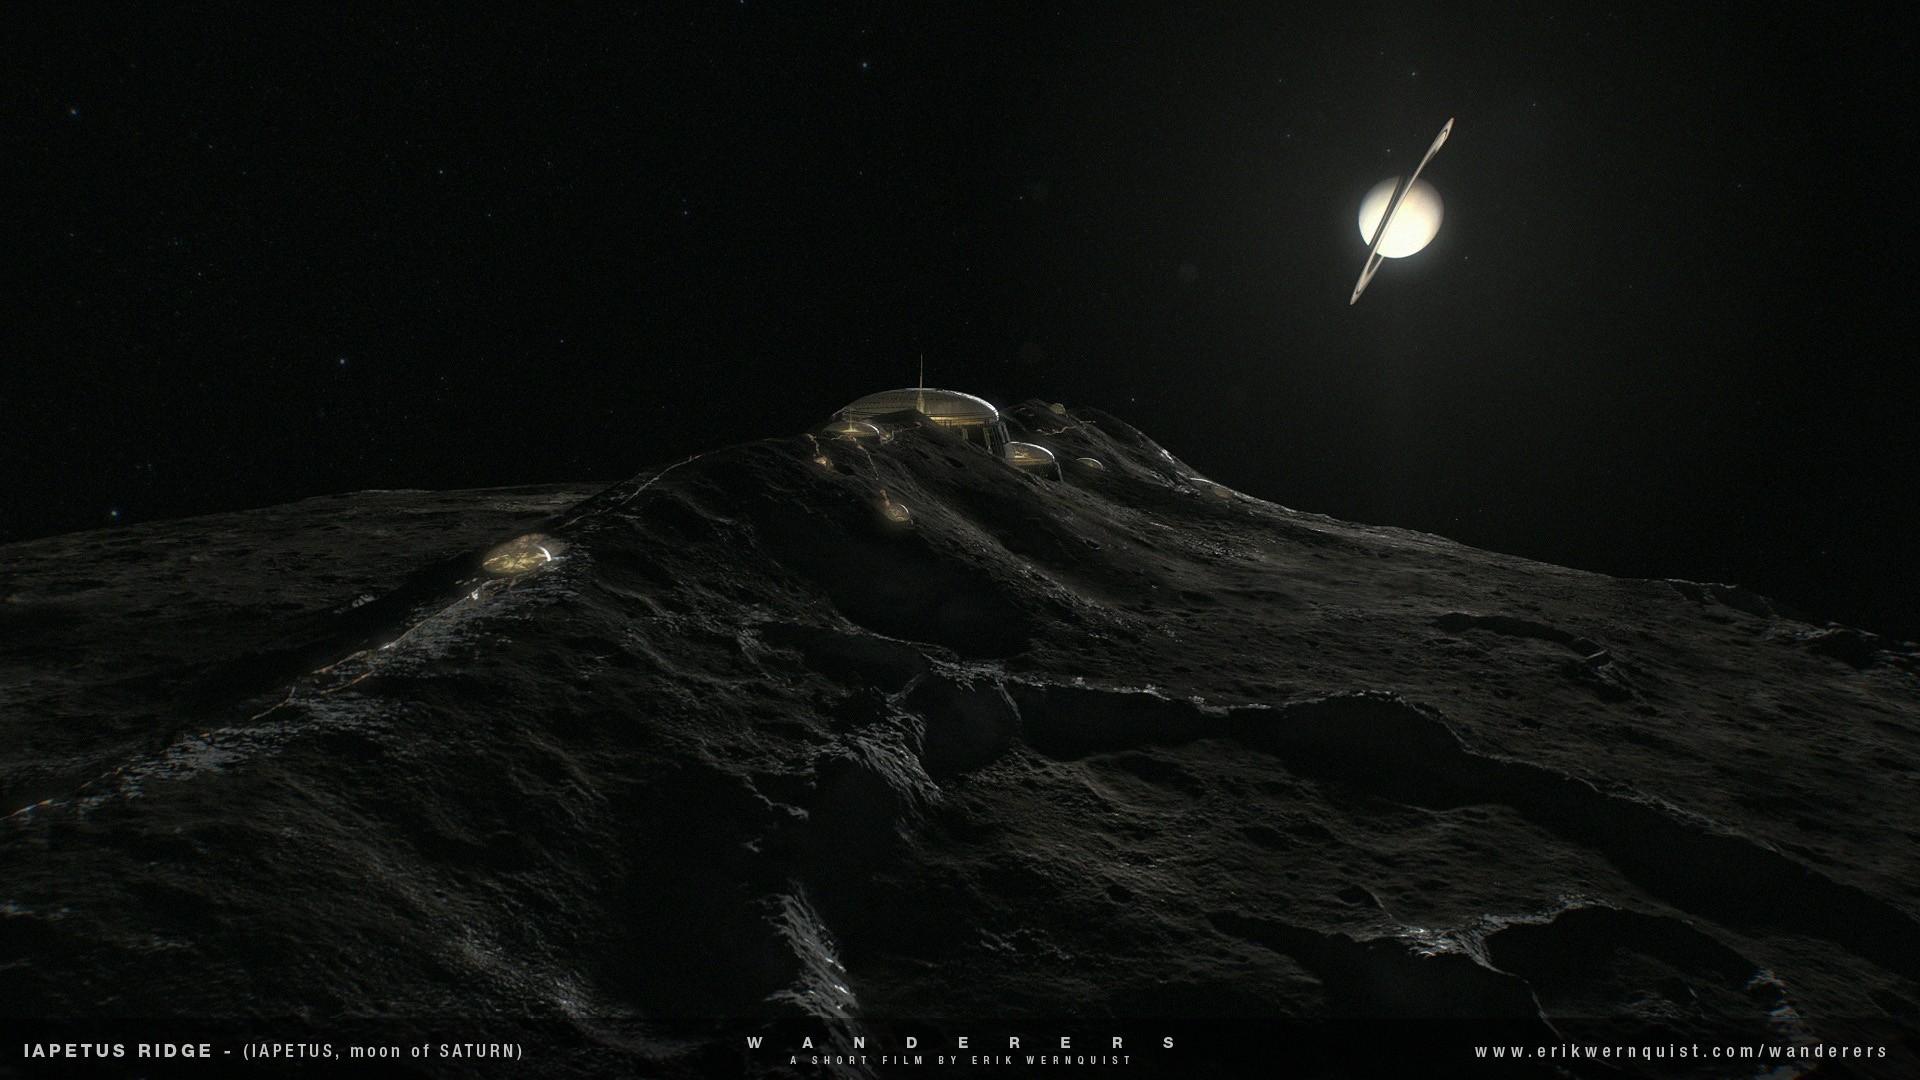 Colônia em Jápeto, lua de Saturno (Foto: Reprodução)